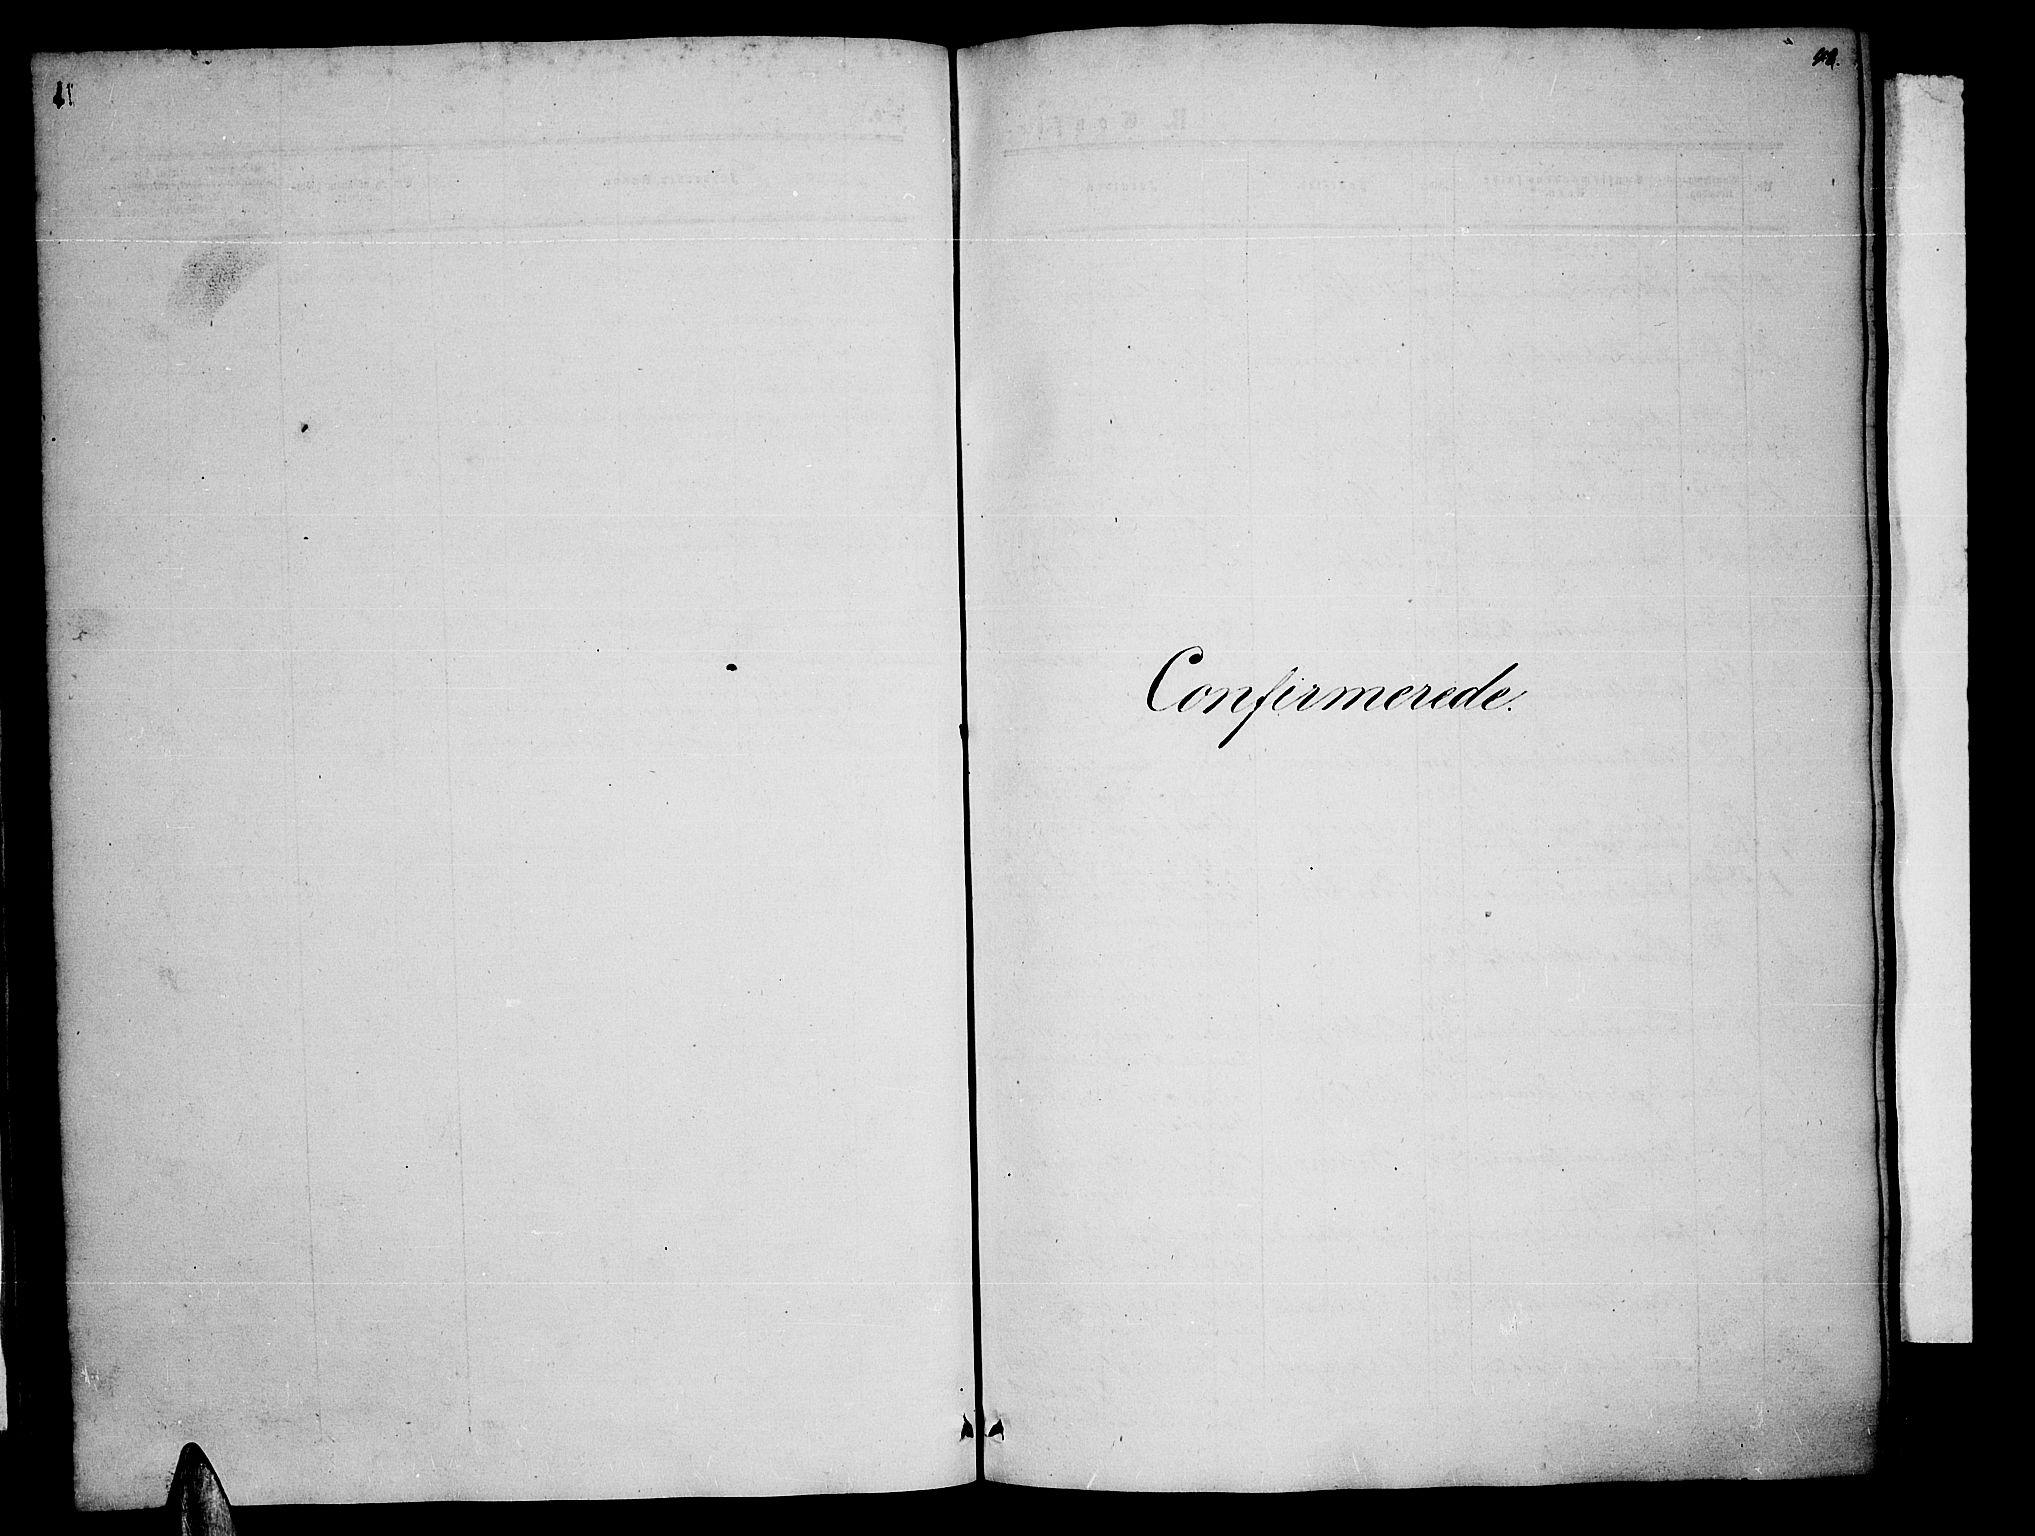 SATØ, Balsfjord sokneprestembete, Klokkerbok nr. 1, 1856-1869, s. 48